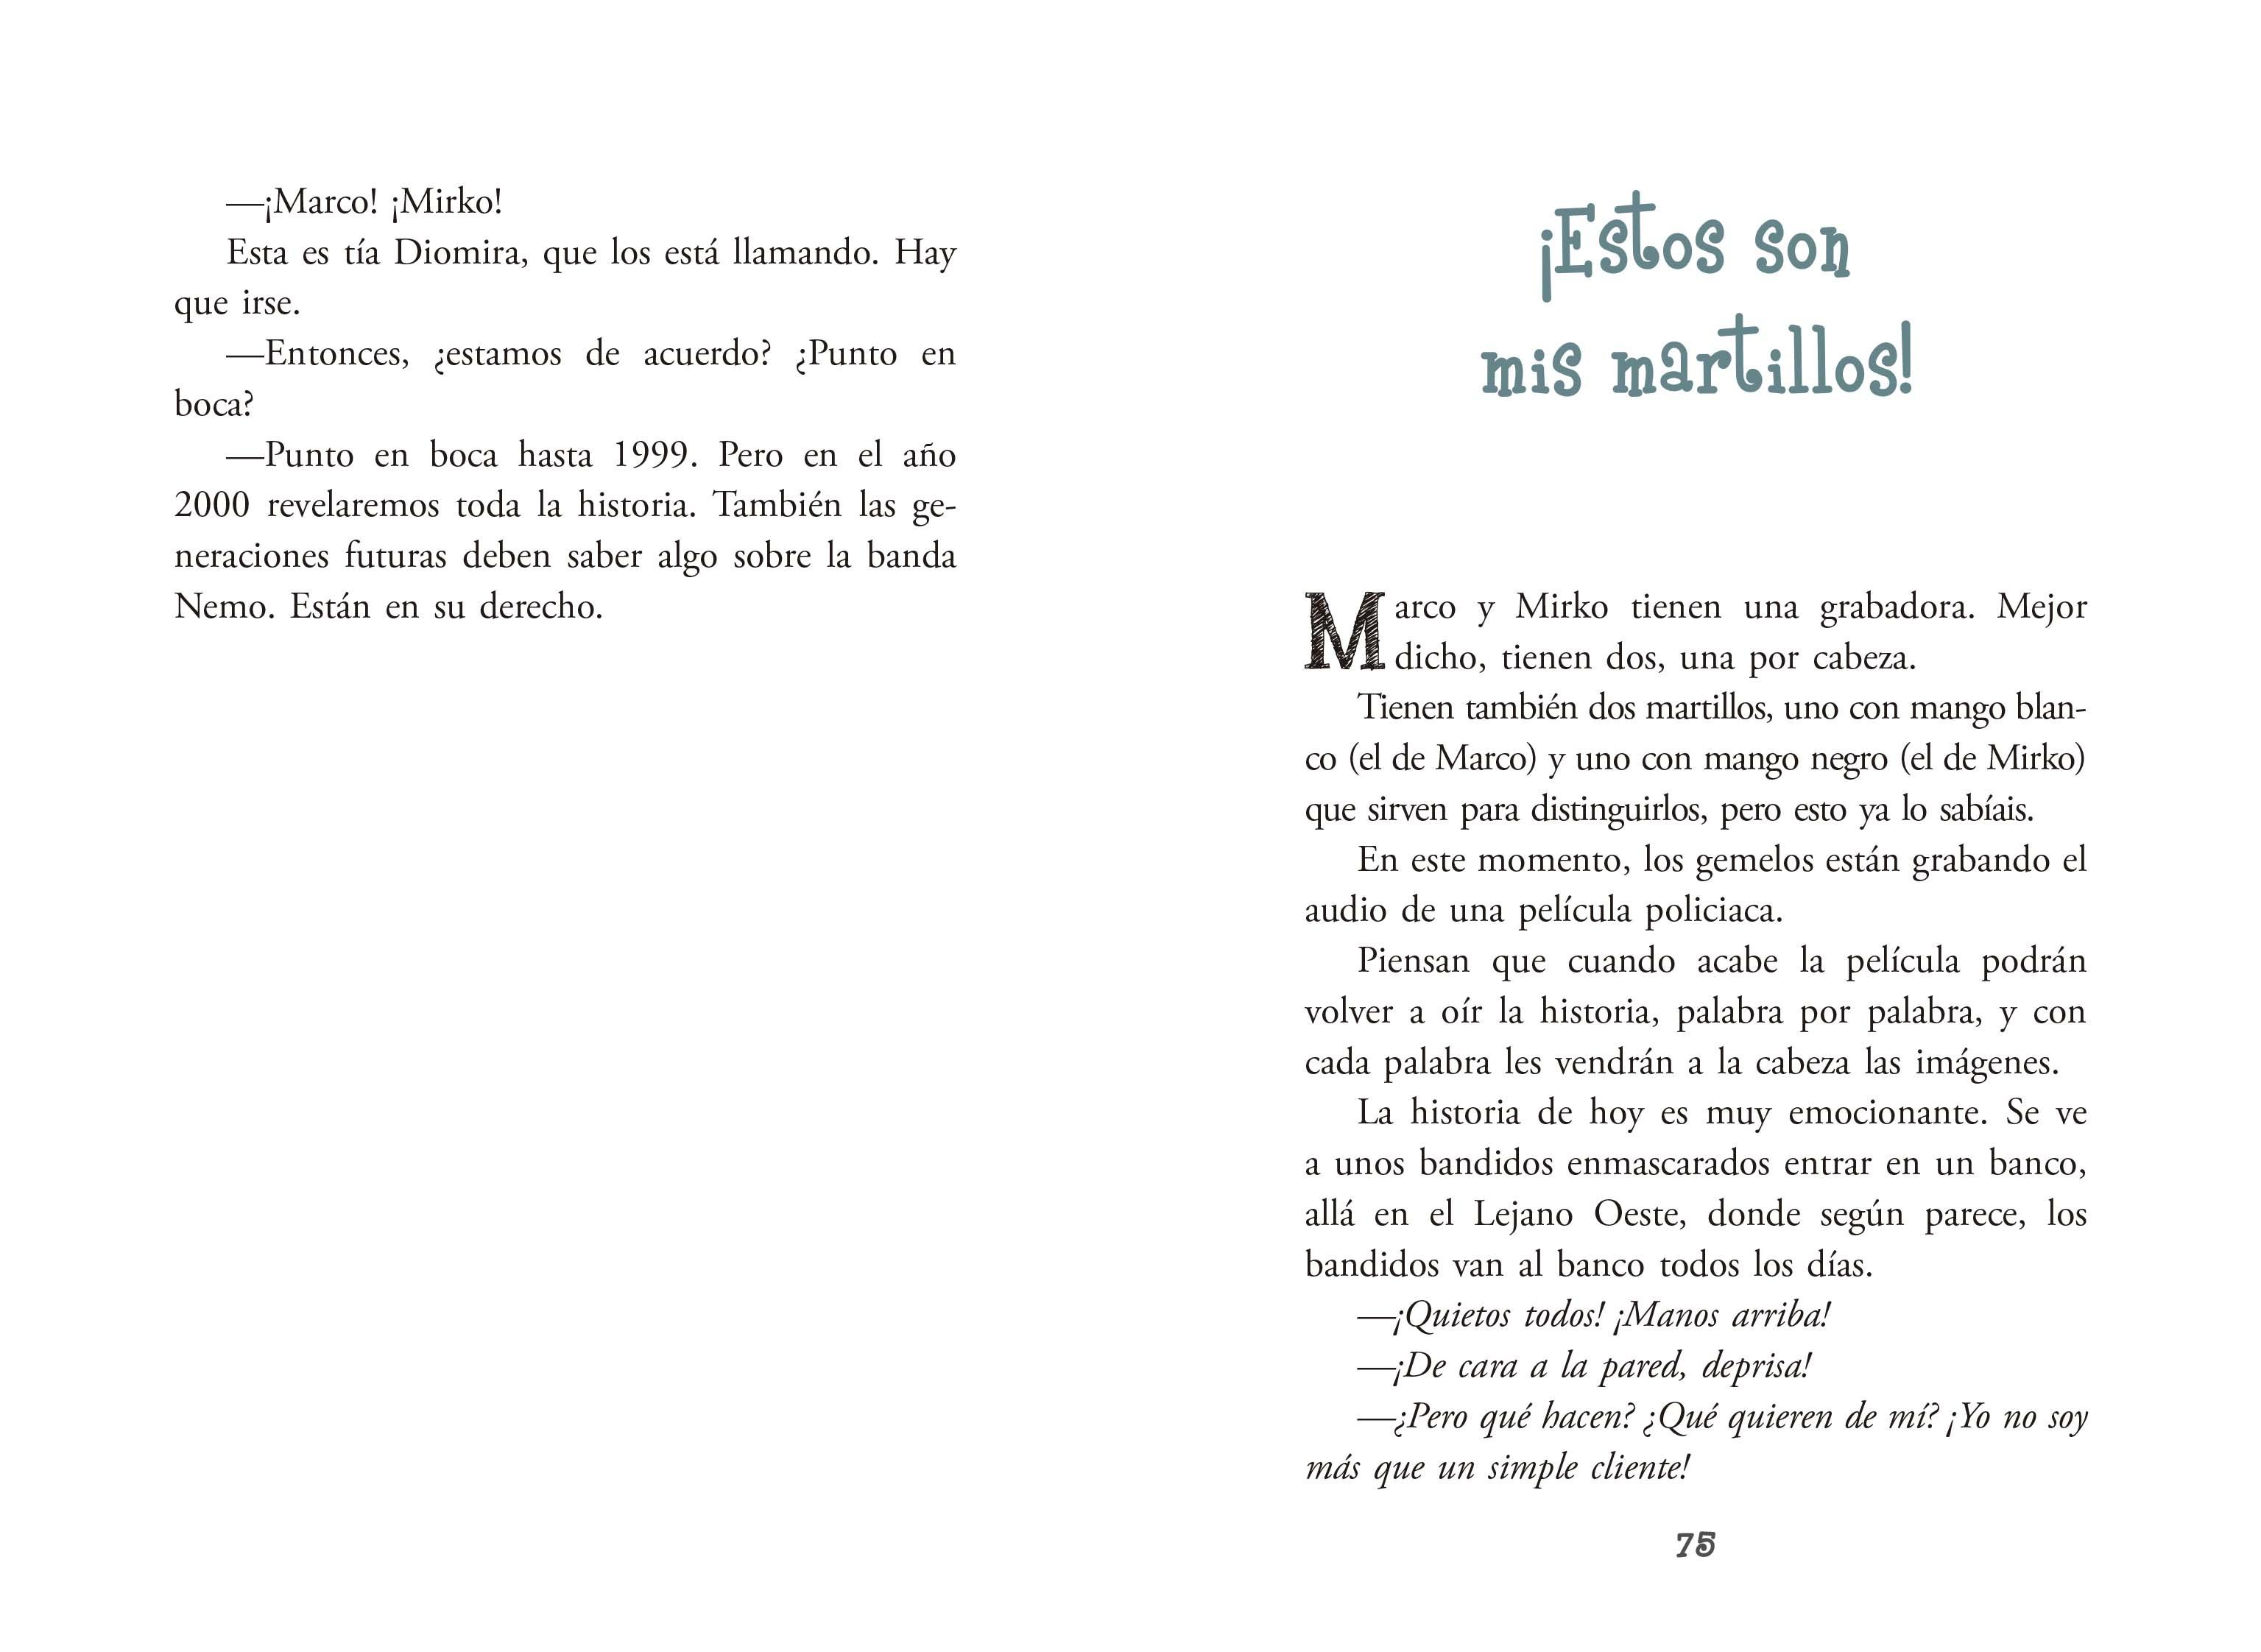 Las aventuras de Marco y Mirko - Ediciones Laberinto